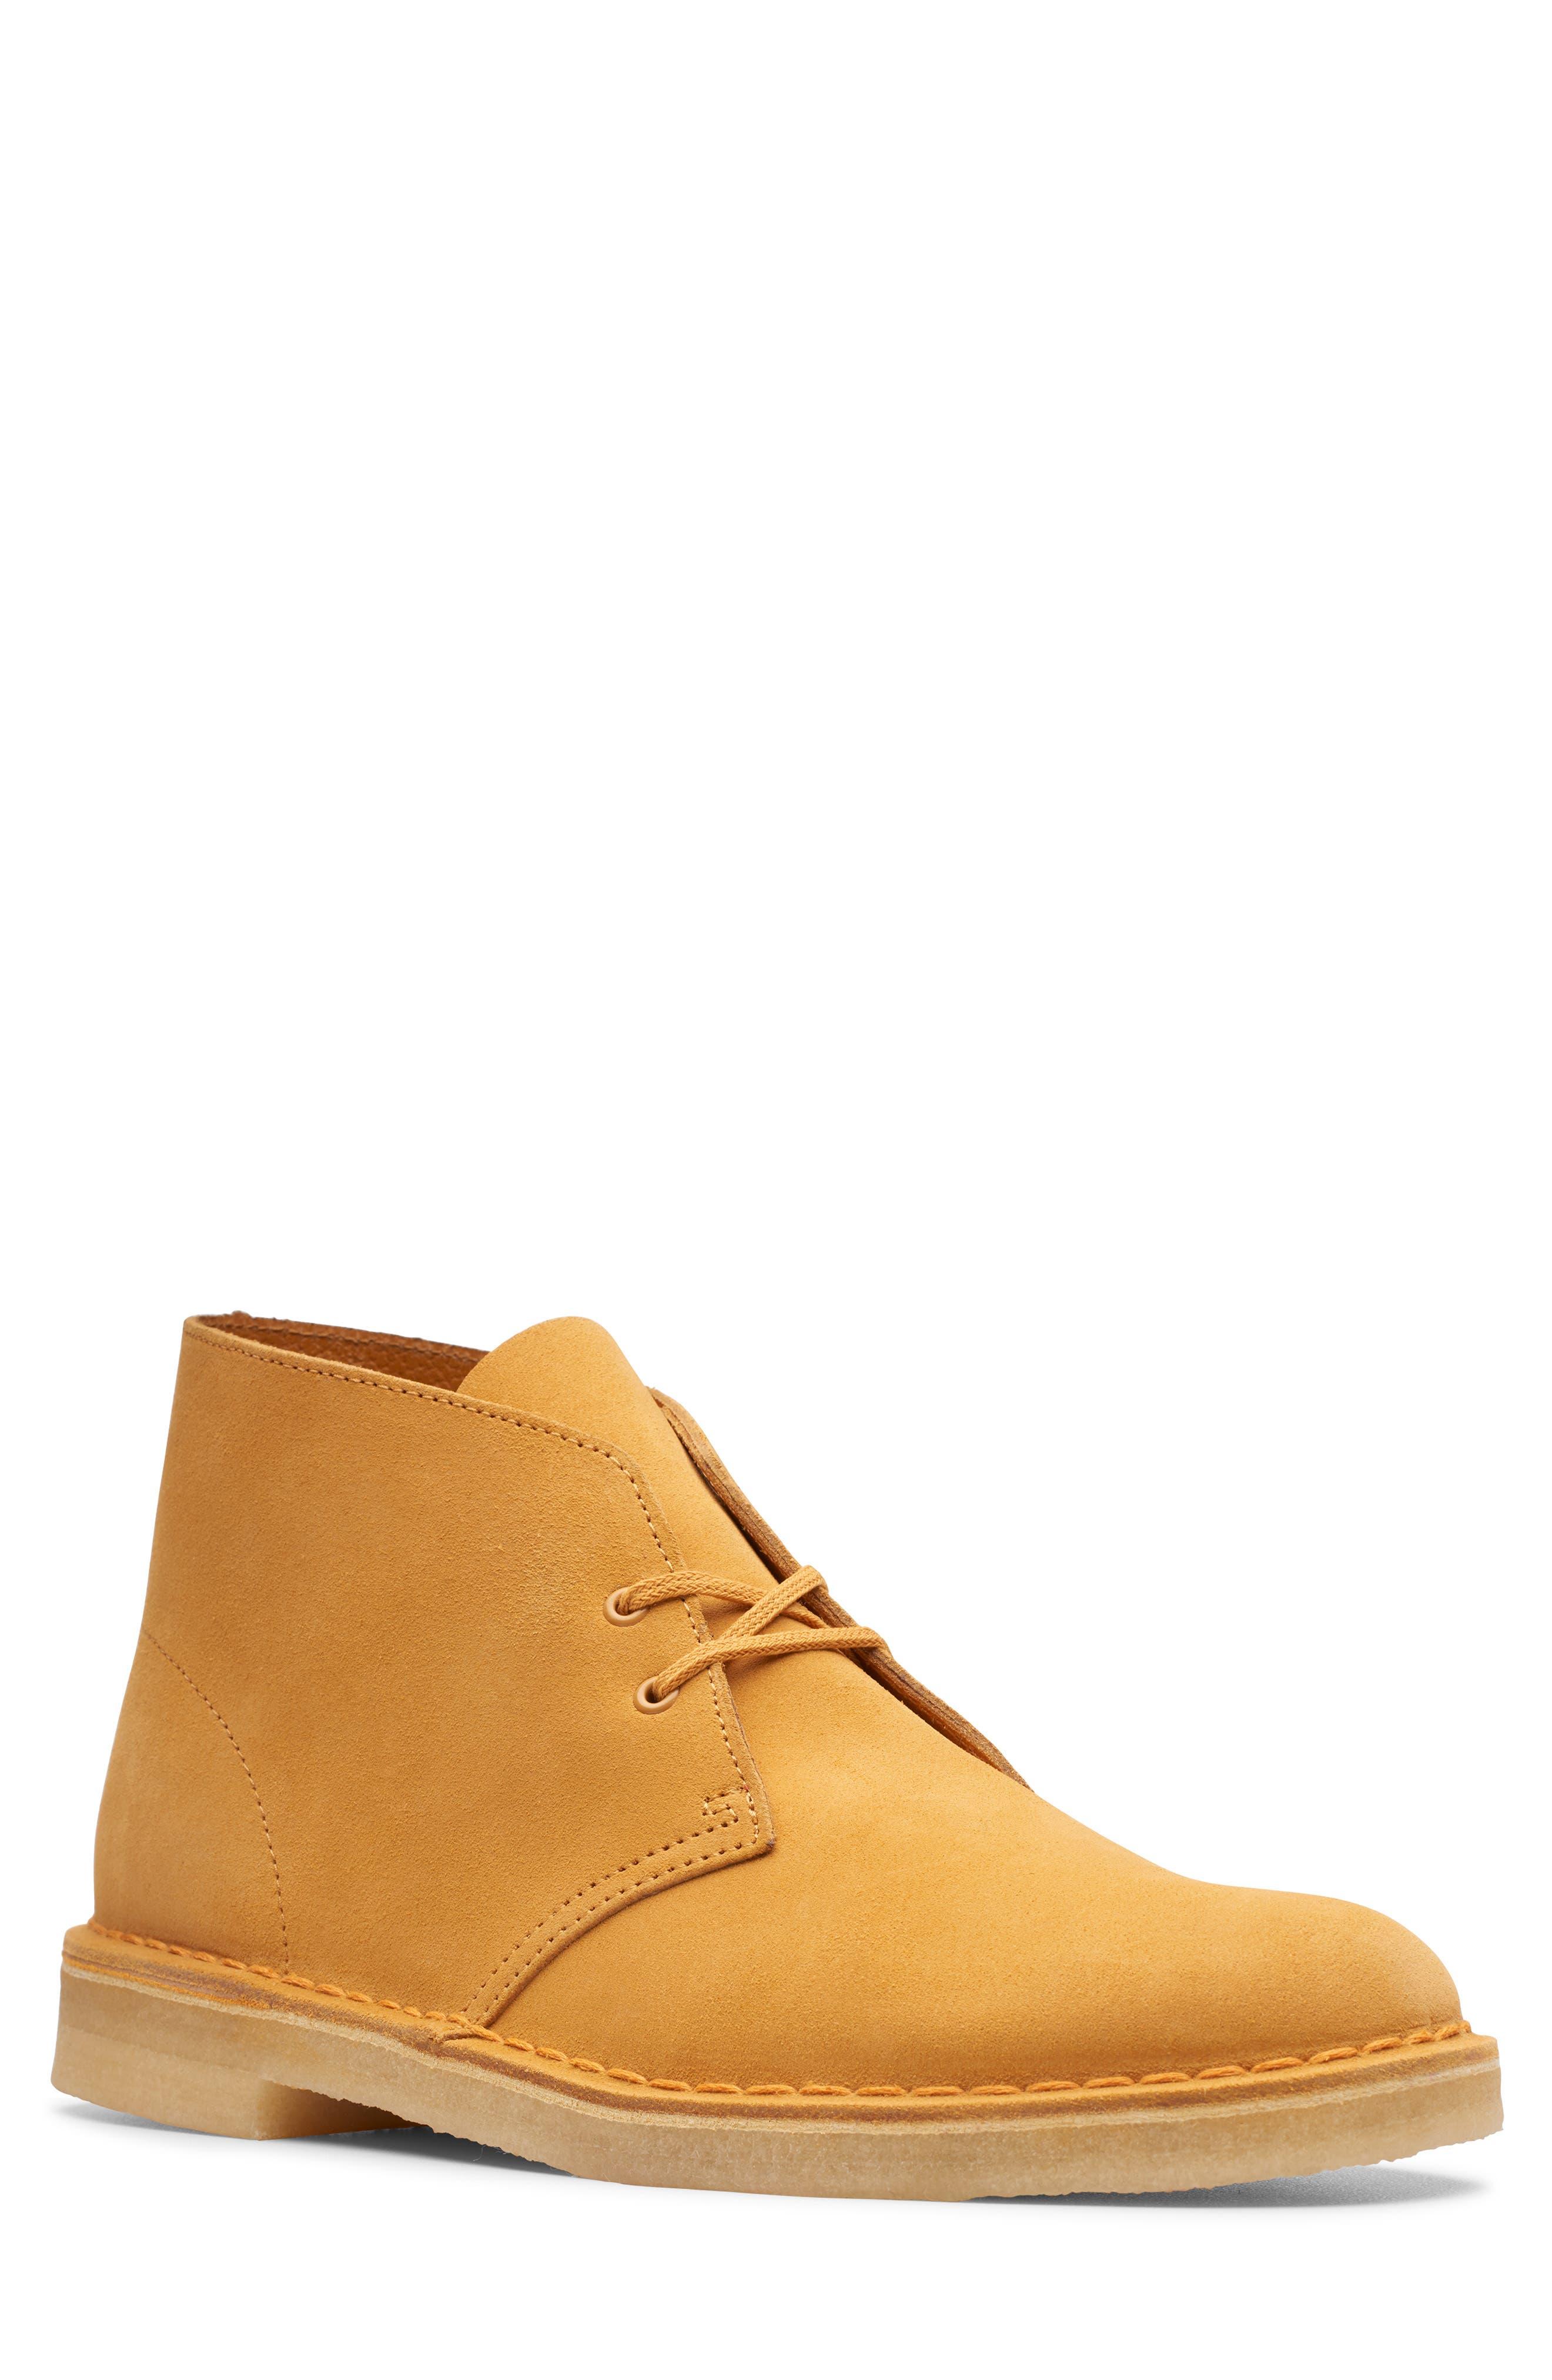 Originals 'Desert' Boot, Main, color, TURMERIC/BROWN SUEDE